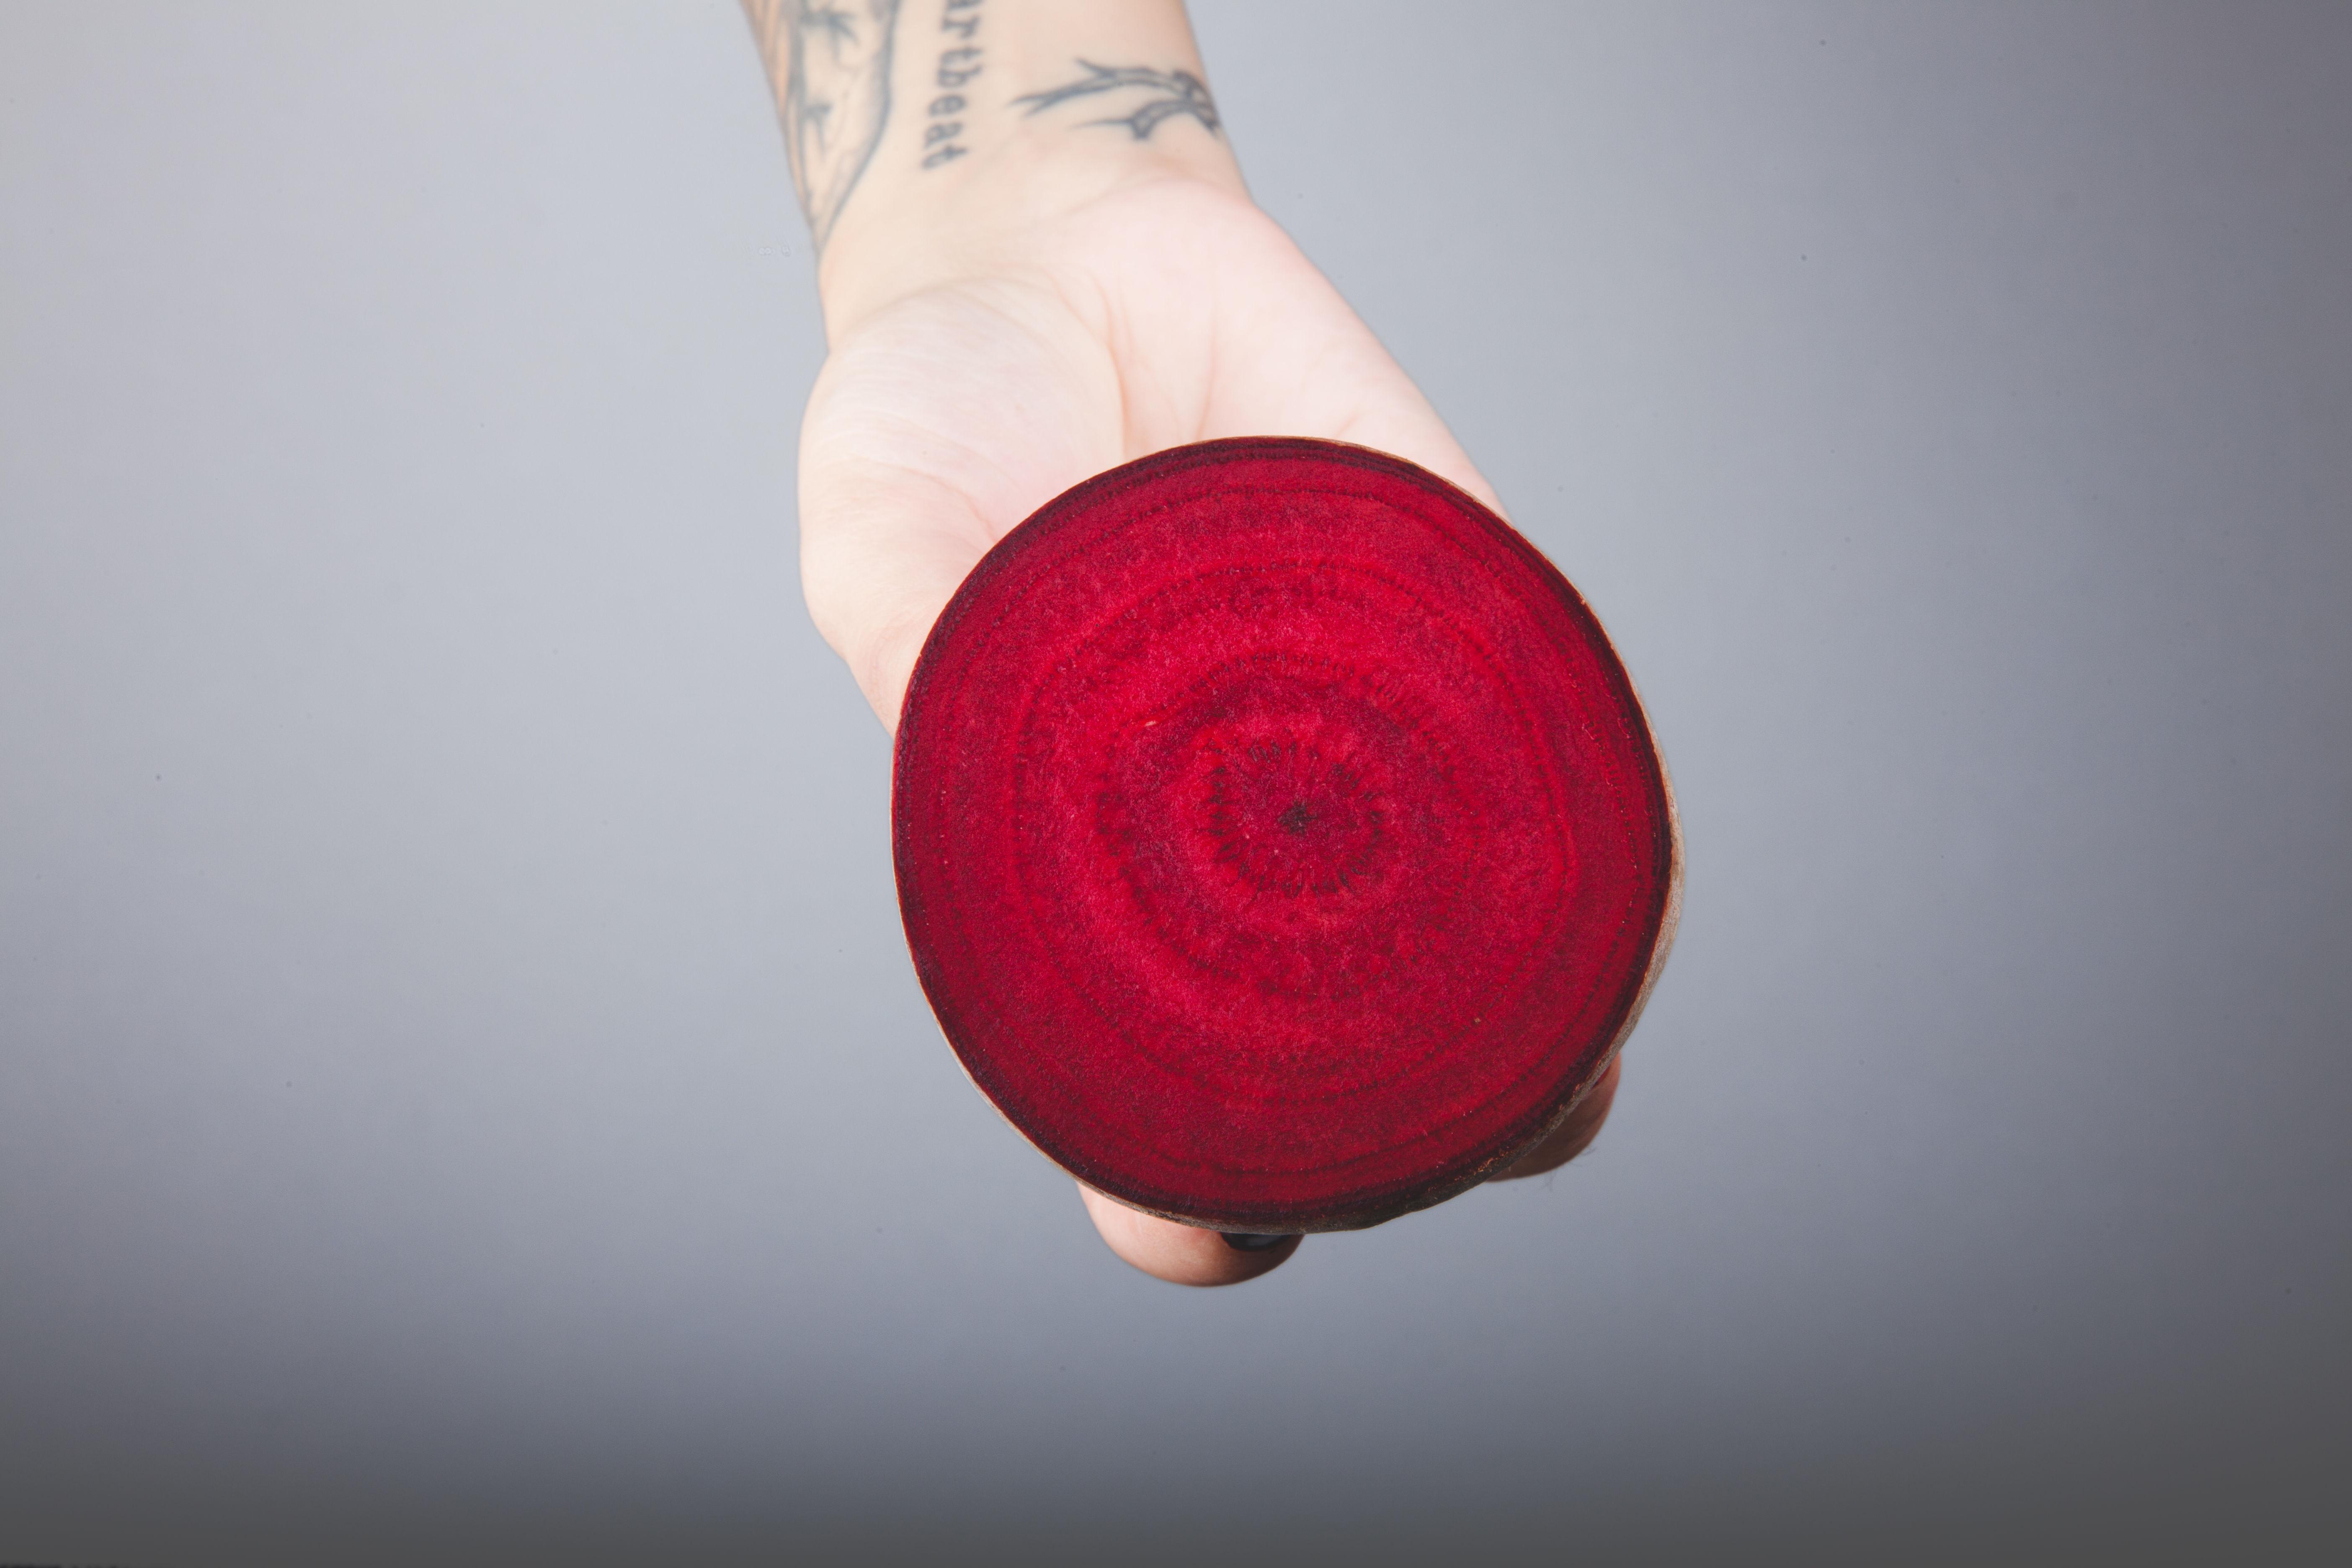 Innsiden av rødbeten likner et kunstverk.